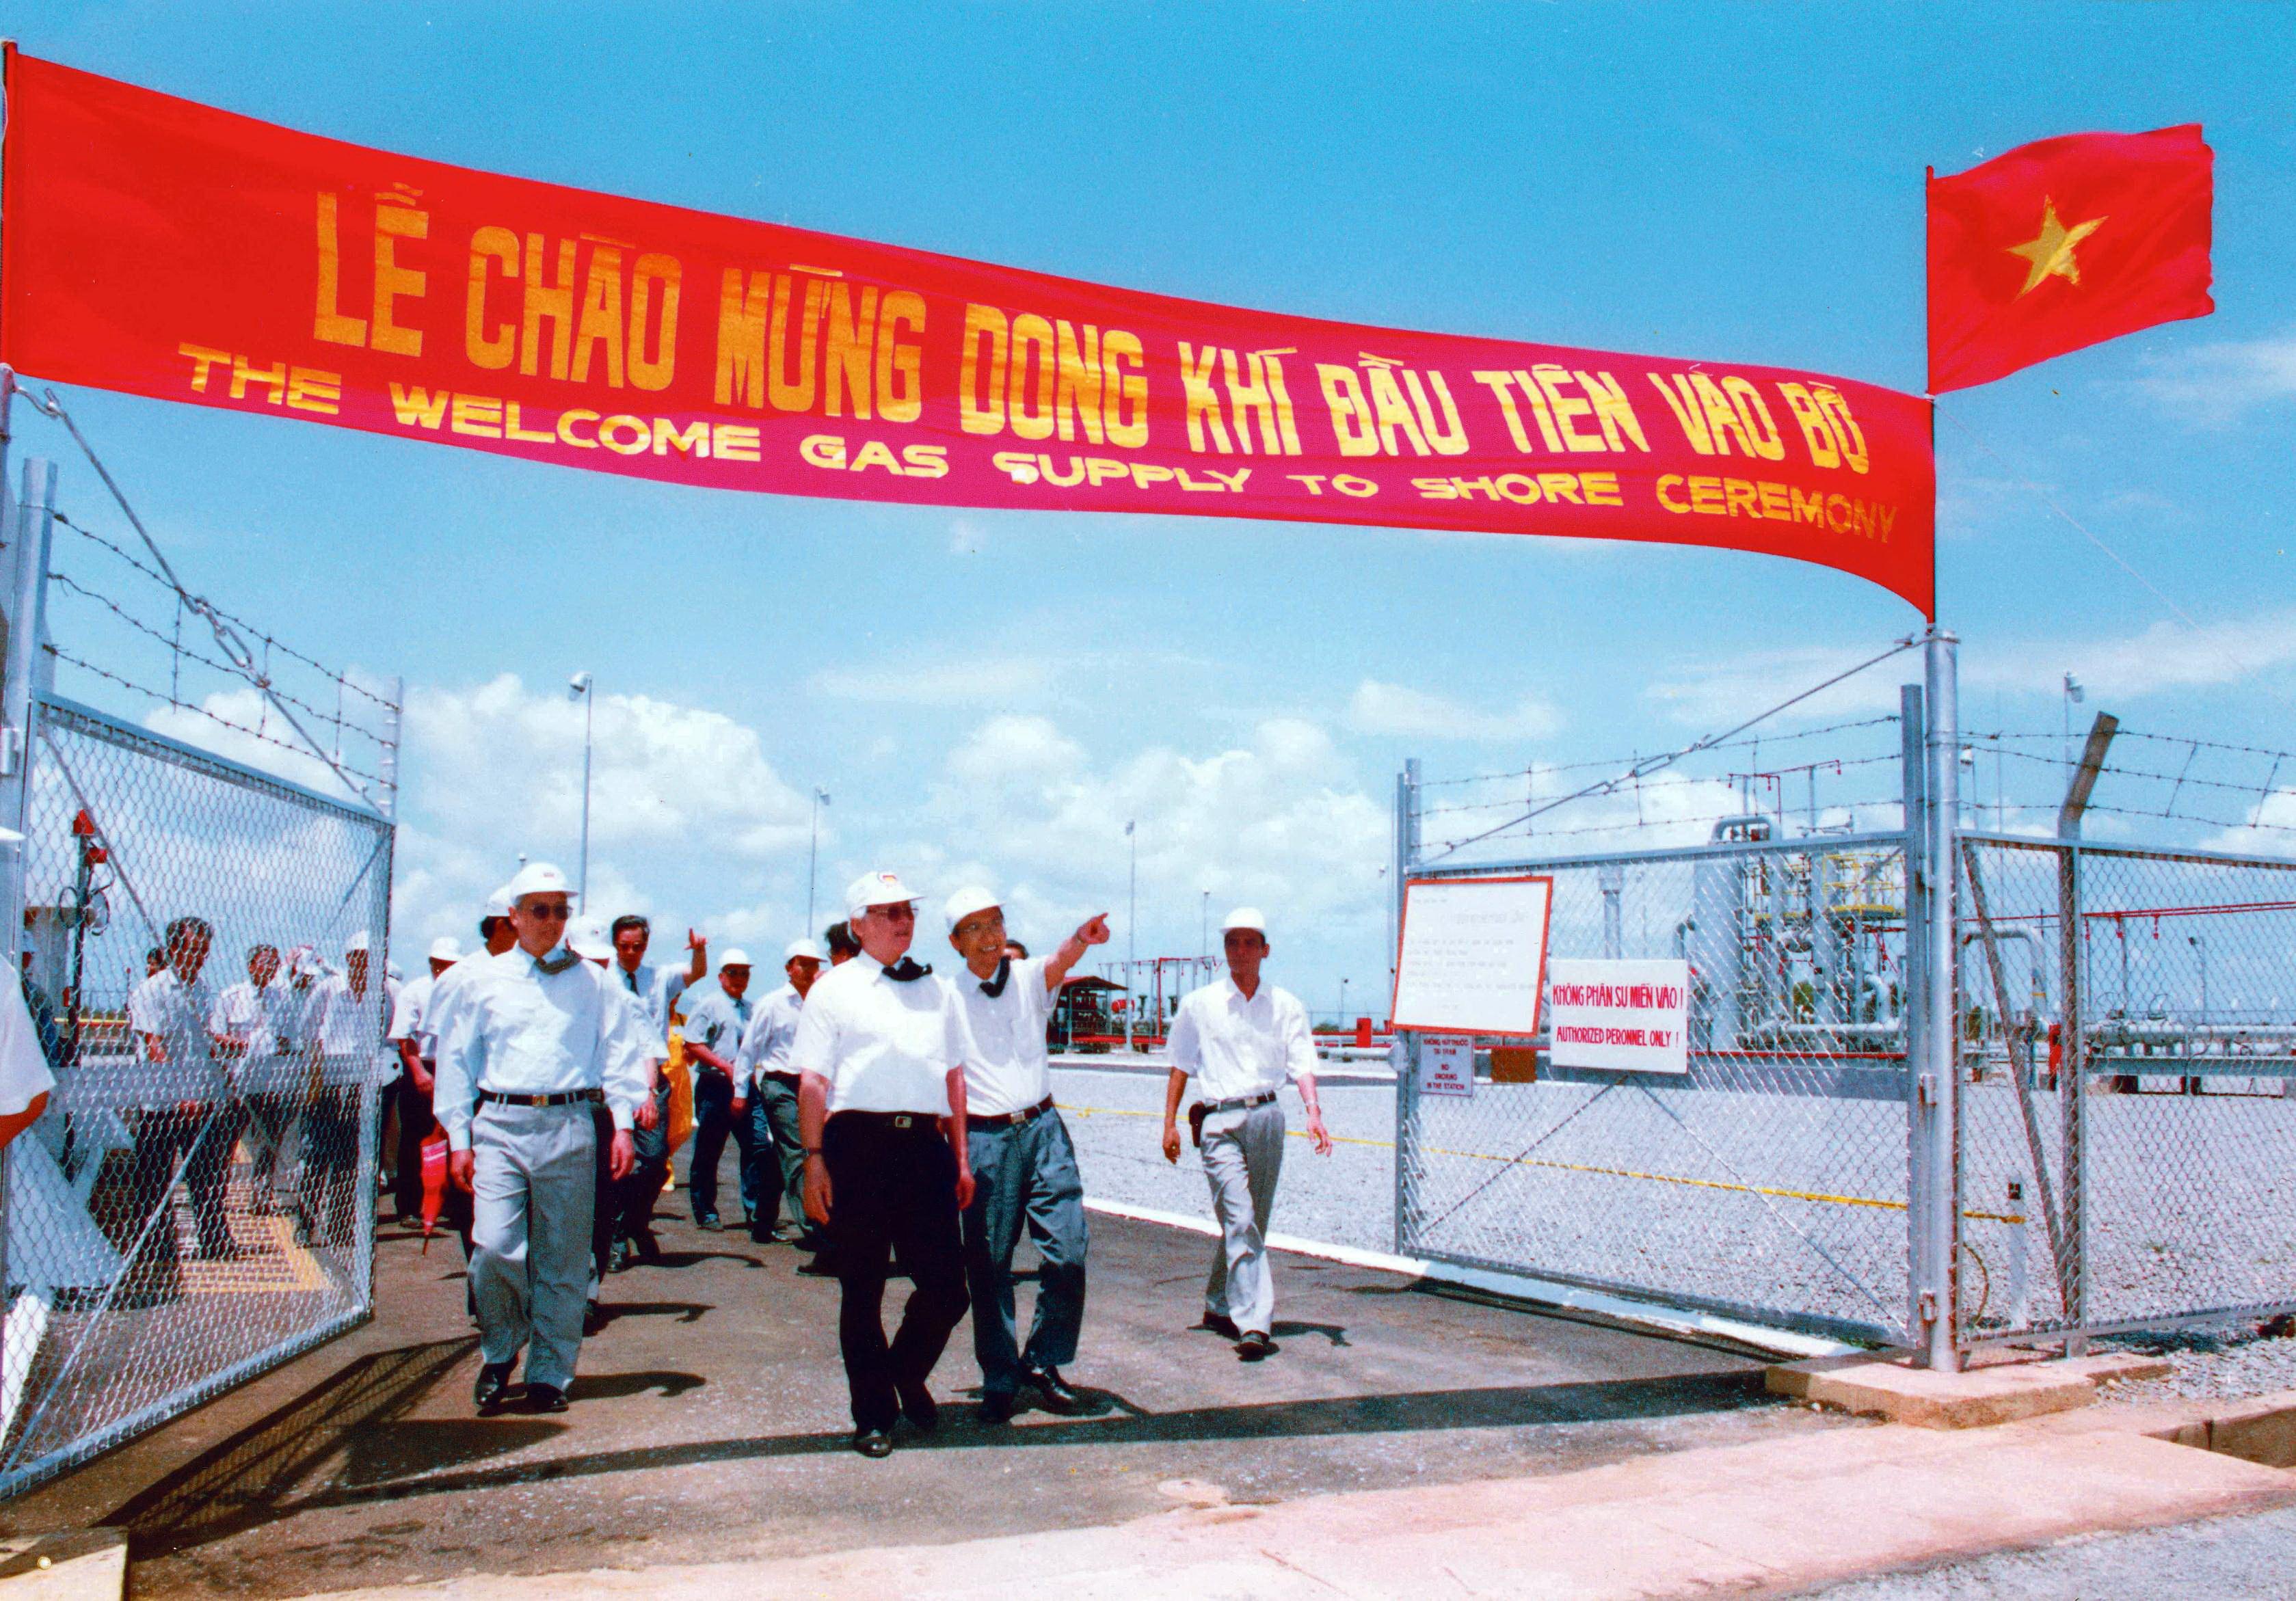 Hình ảnh Thủ tướng Võ Văn Kiệt tham dự Lễ đón Dòng khí đầu tiên vào bờ năm 1995